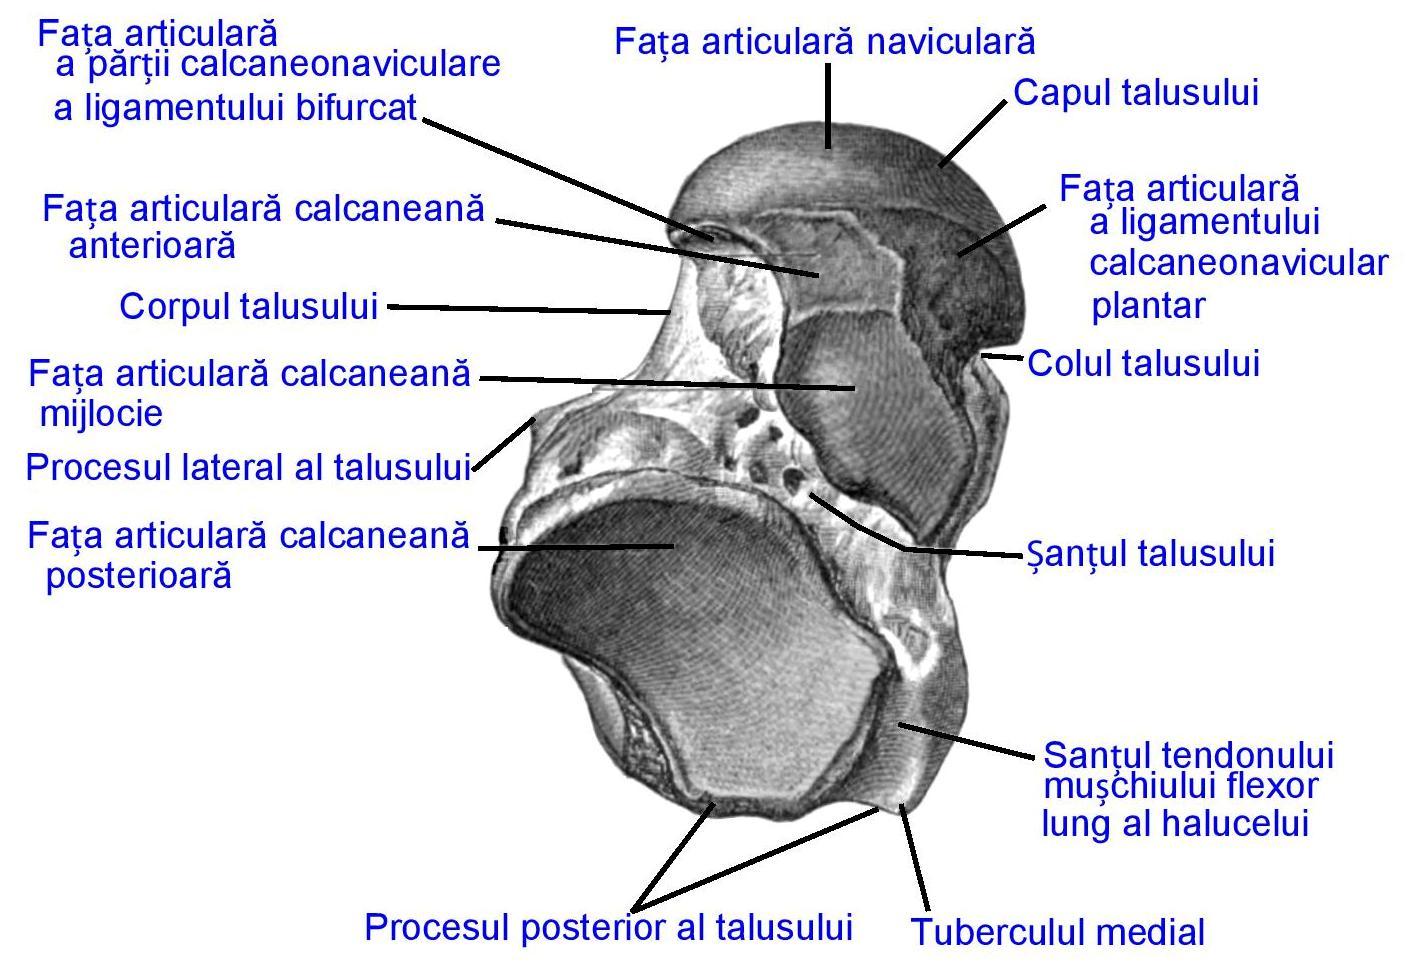 artroza articulațiilor talusului navicular de gradul I boala articulației caprinei